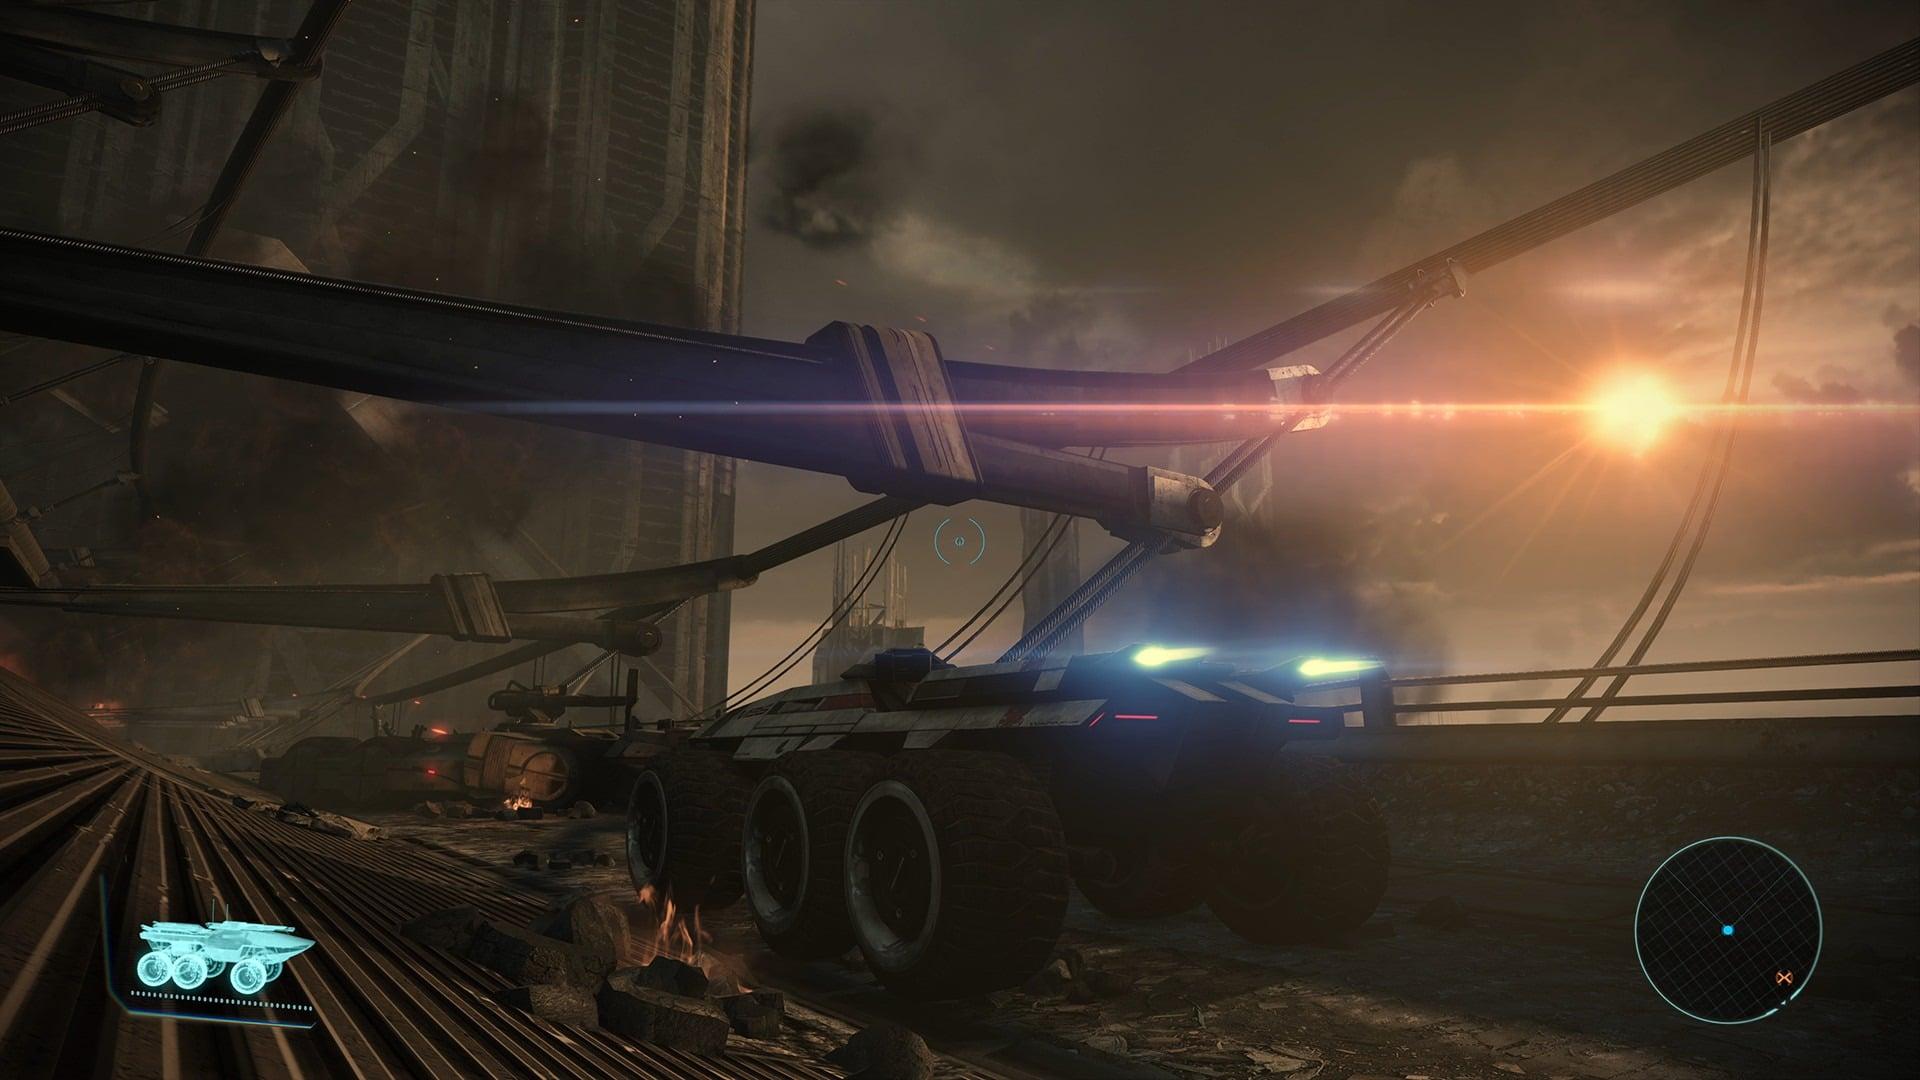 Mass Effect: Legendary Edition - Mako